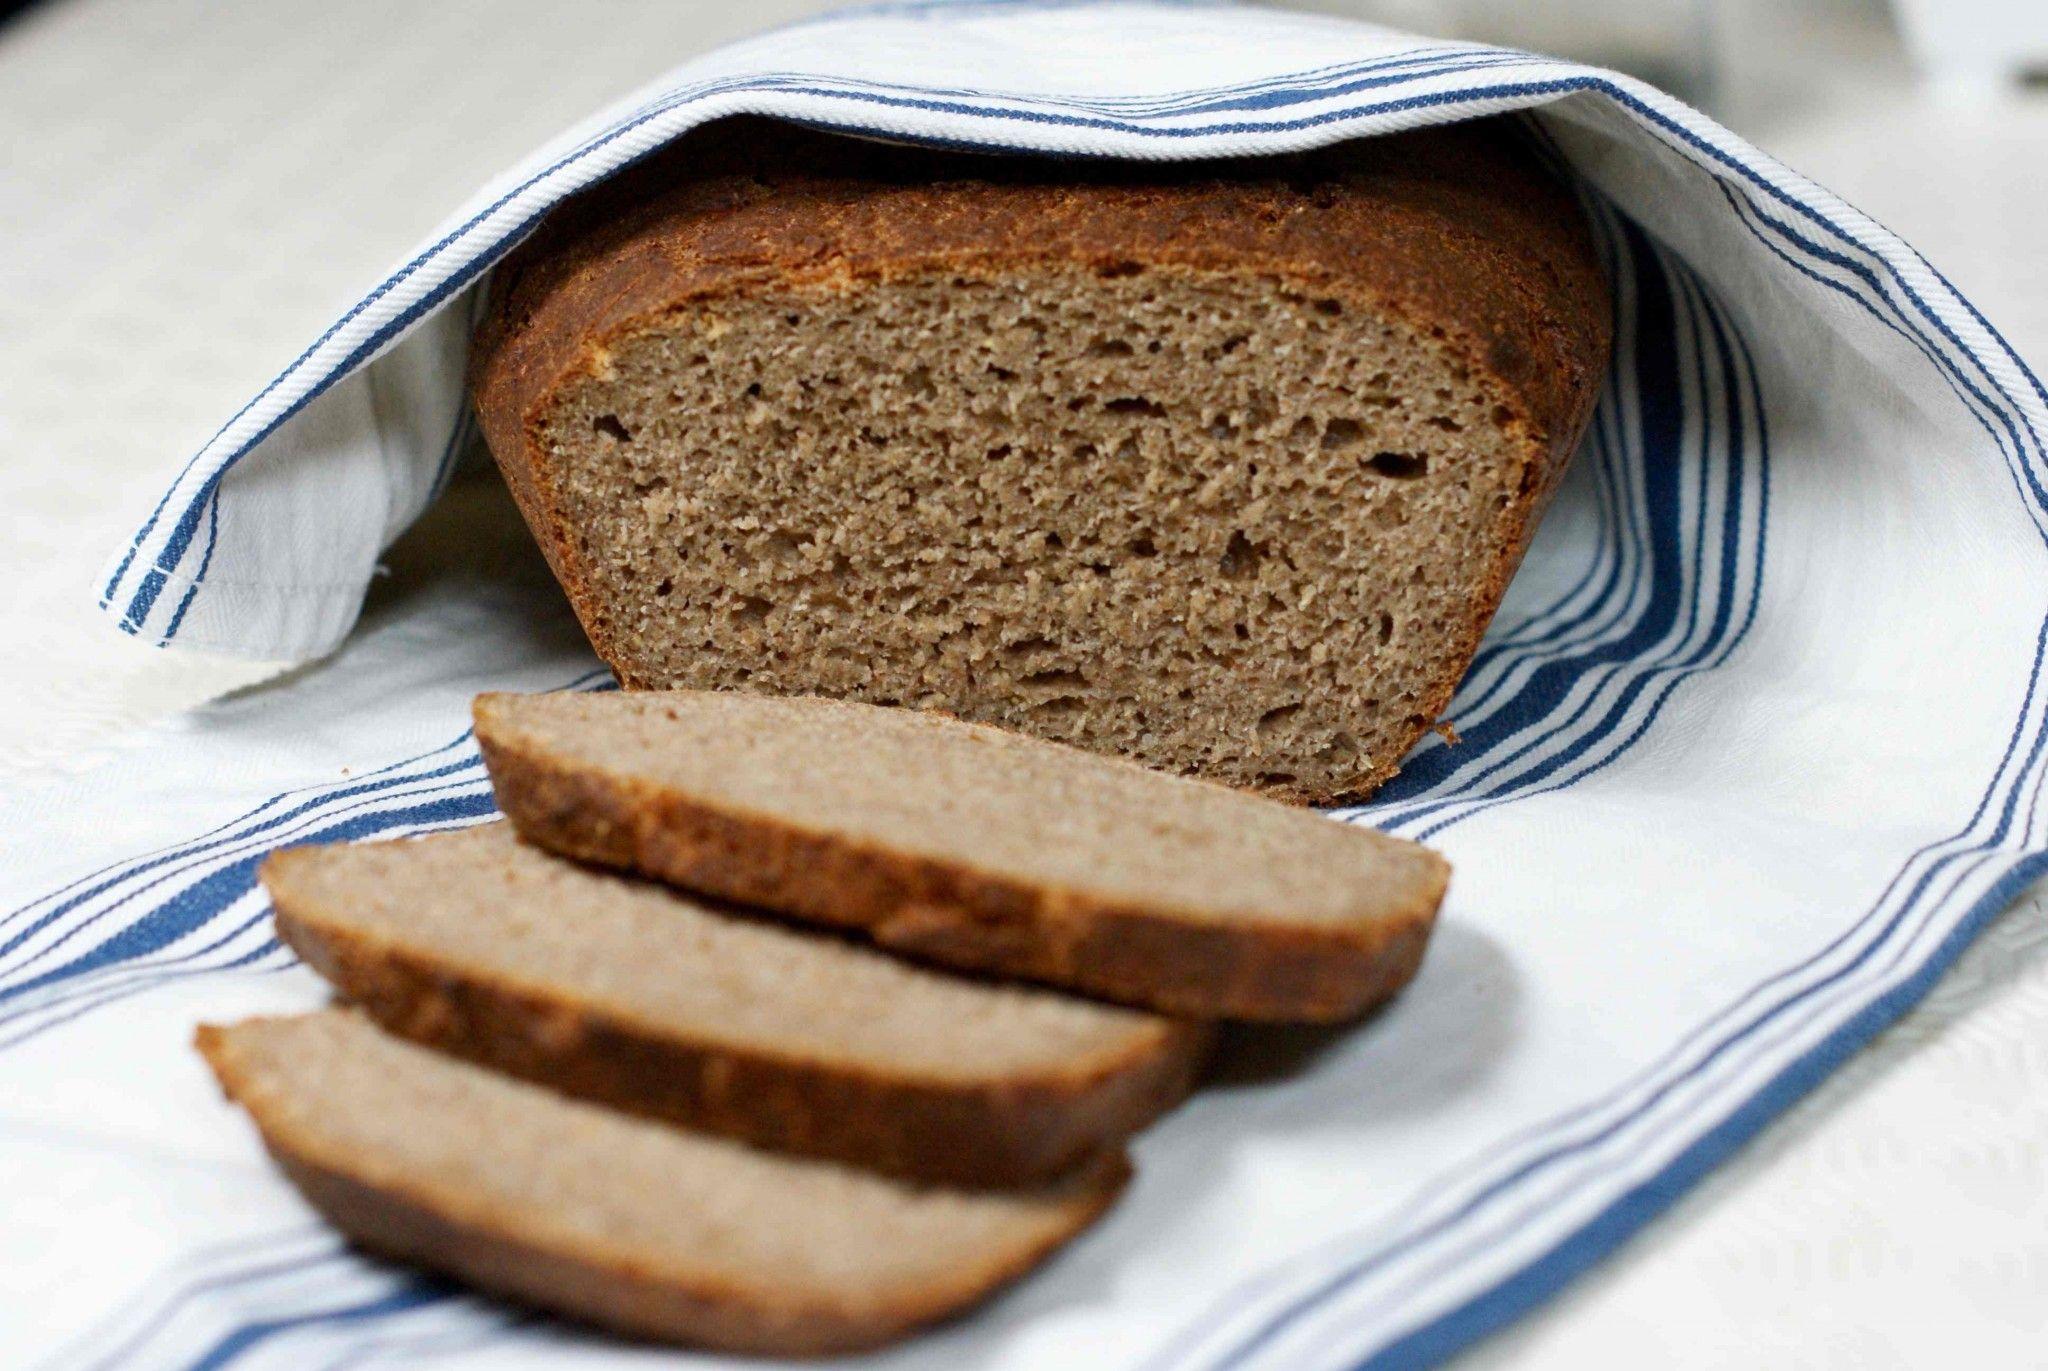 Prøv vårt mitt nye hverdagsbrød helt uten frø og hele korn - slik at alle barn kan like det.